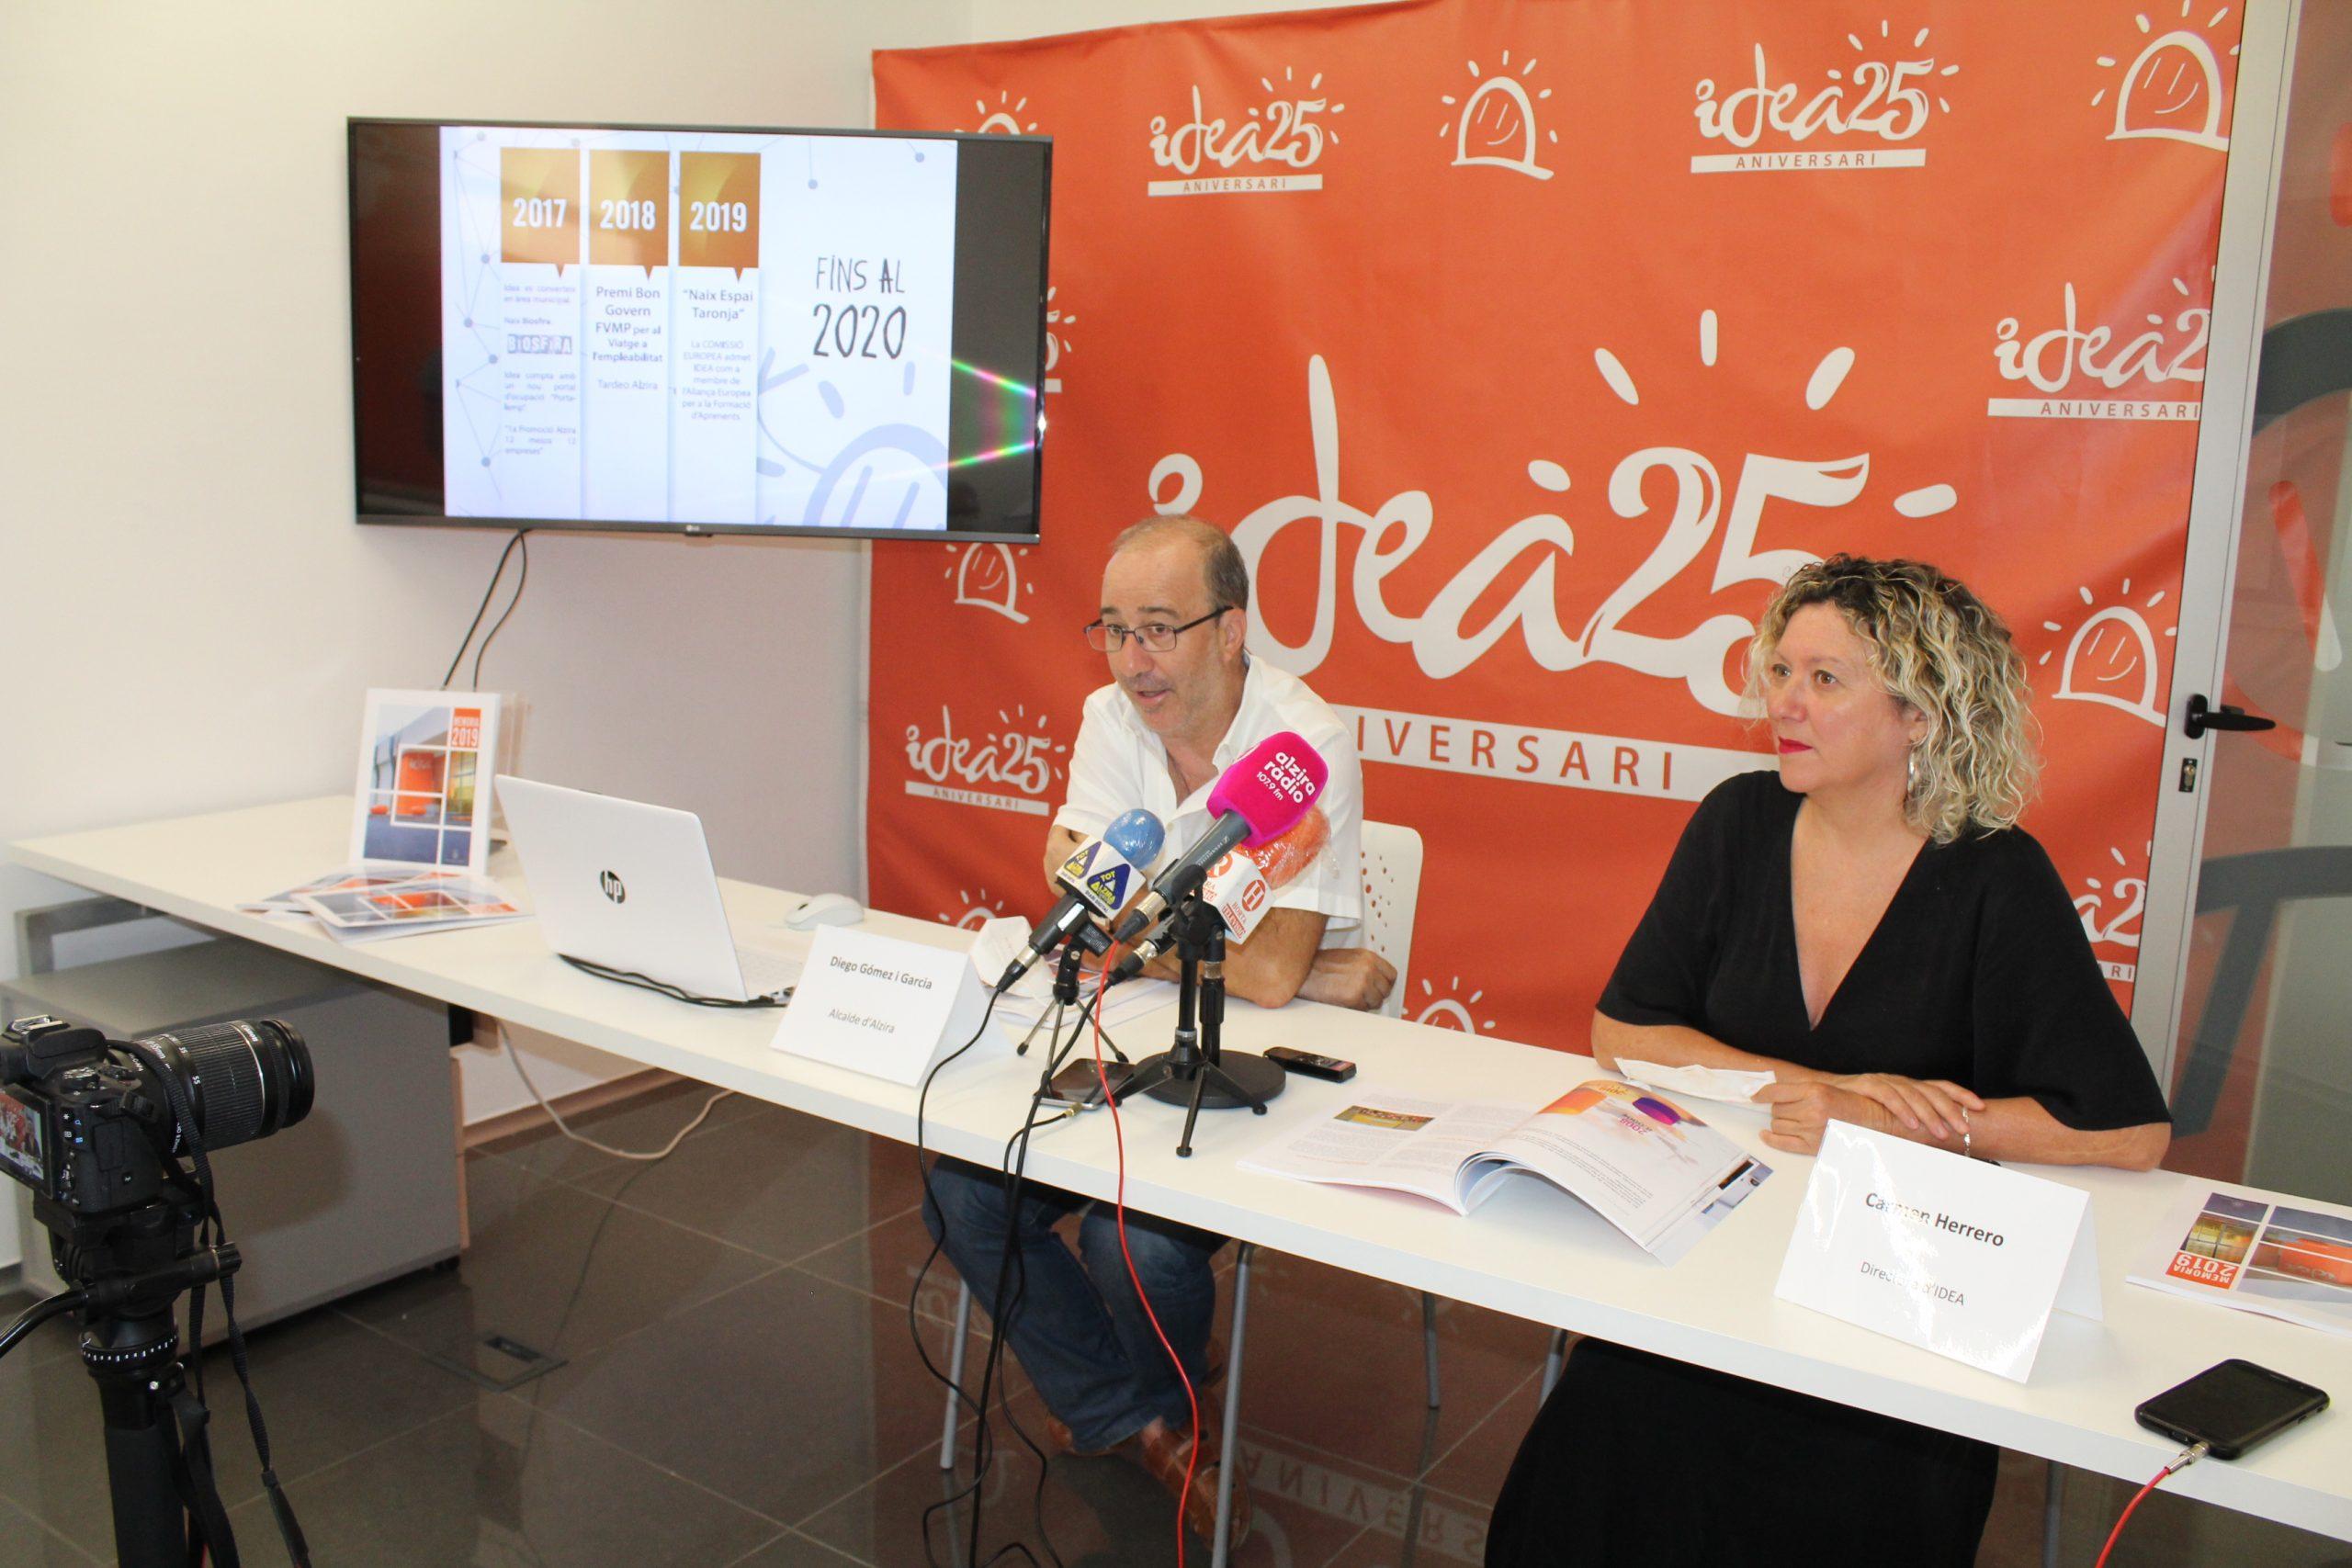 IDEA Alzira dóna a conéixer el seu balanç anual amb unes xifres de récord